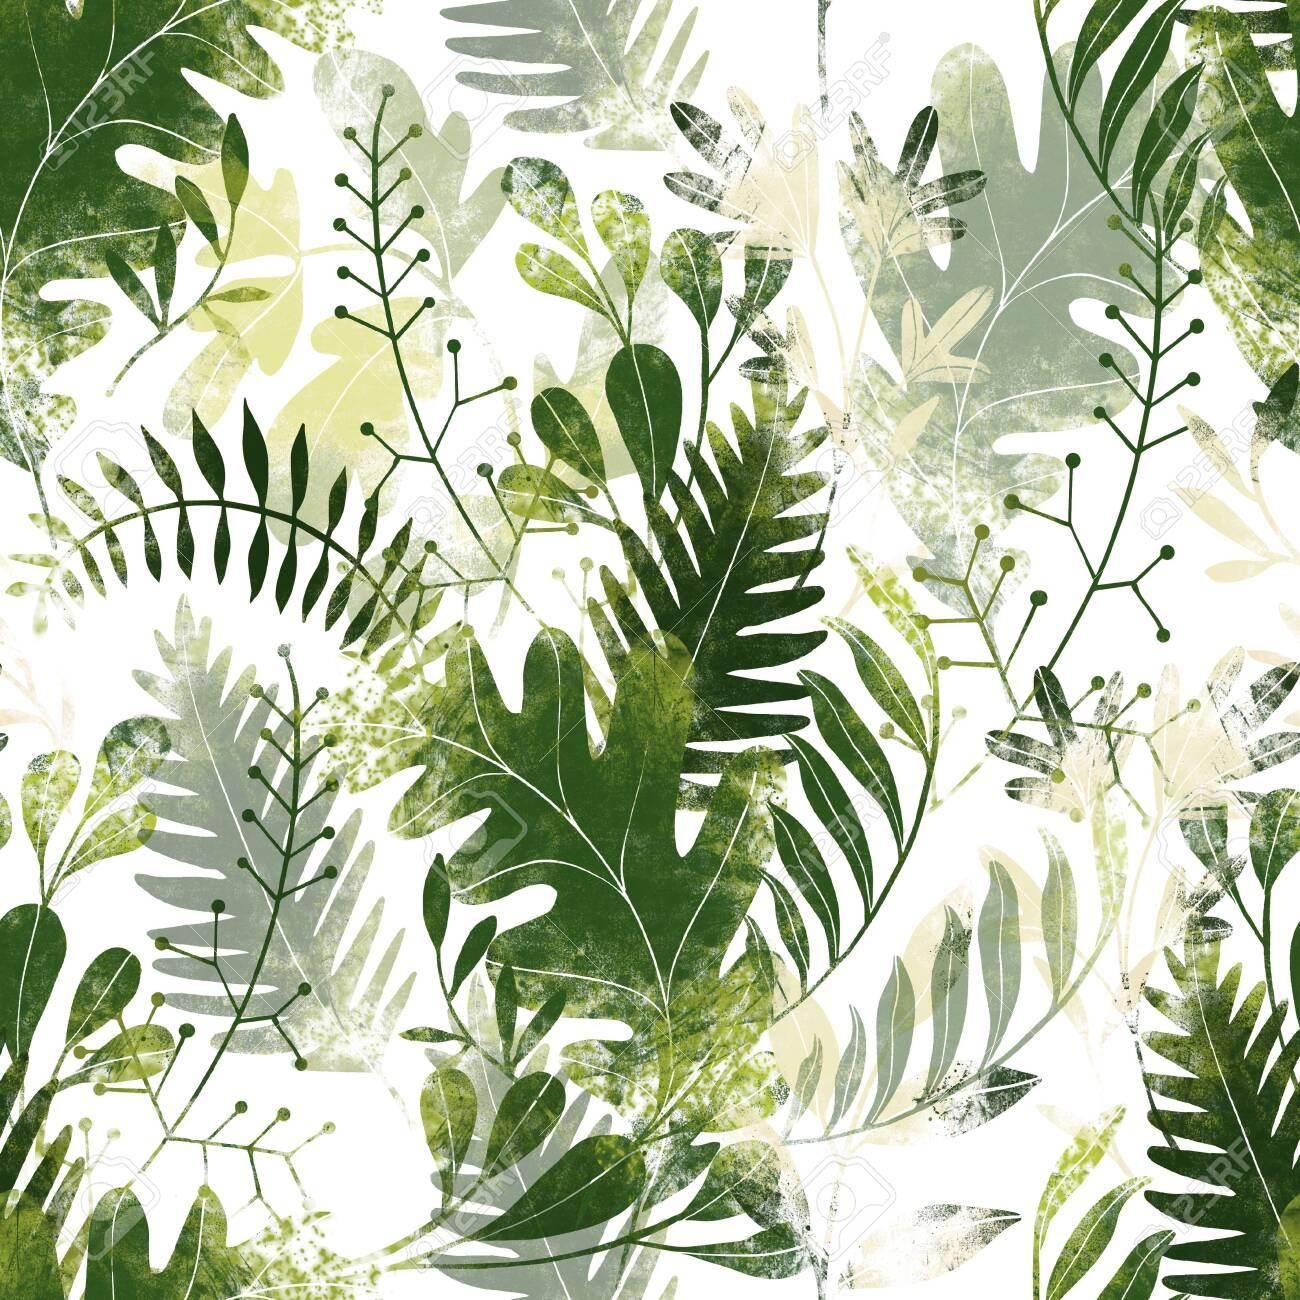 Green plants pattern. Leaves, brunshes and plants. Fullsize raster artwork - 132391893